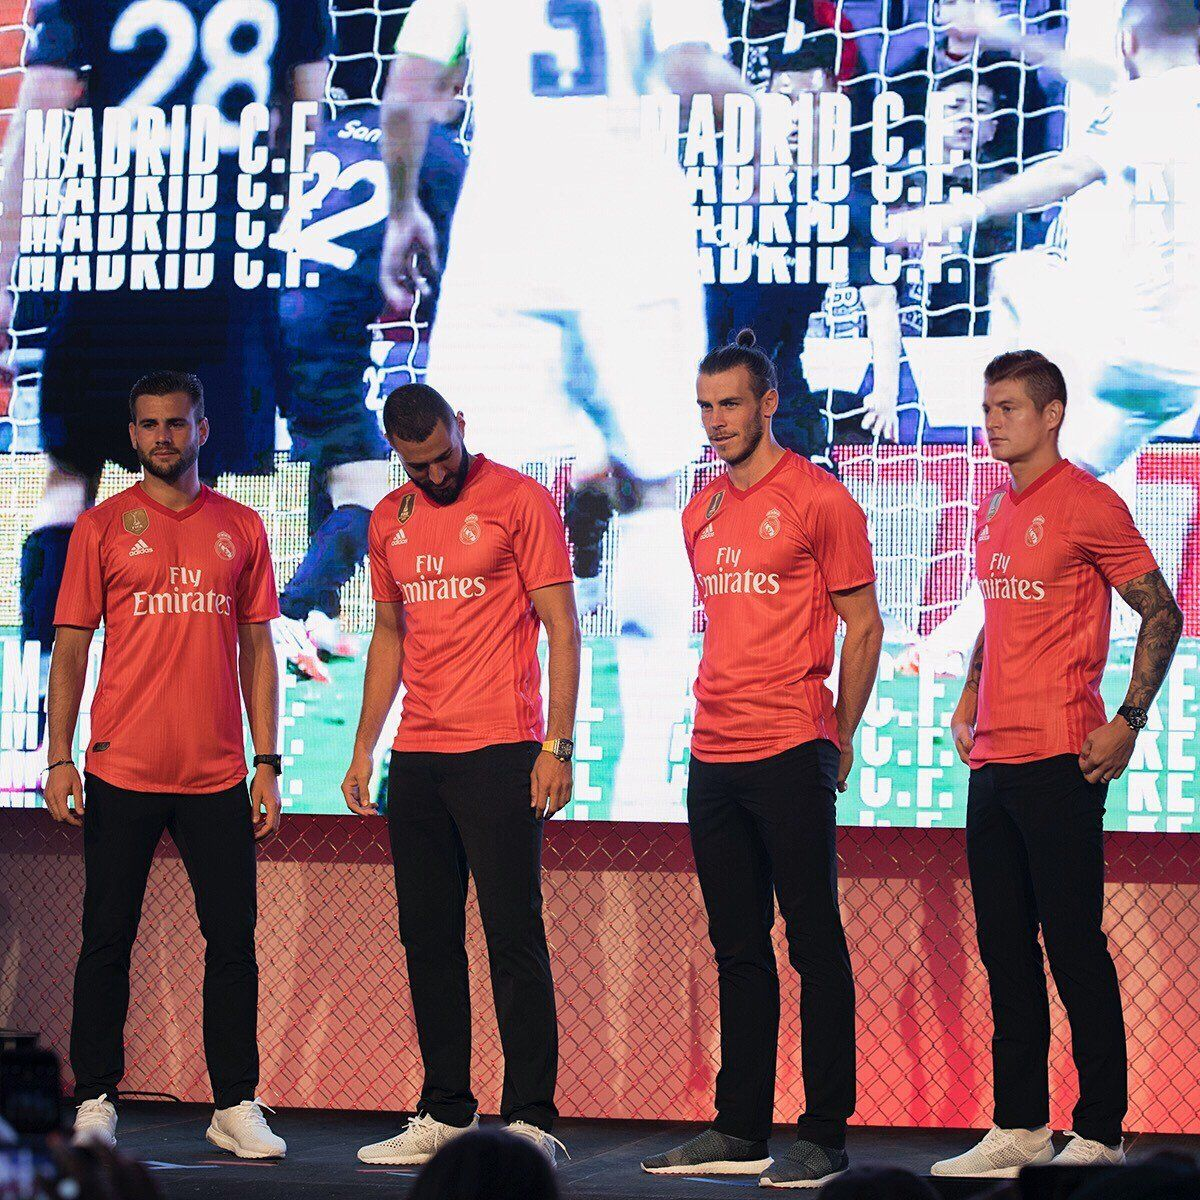 Así luce la tercera camiseta del Real Madrid. Foto: @realmadrid